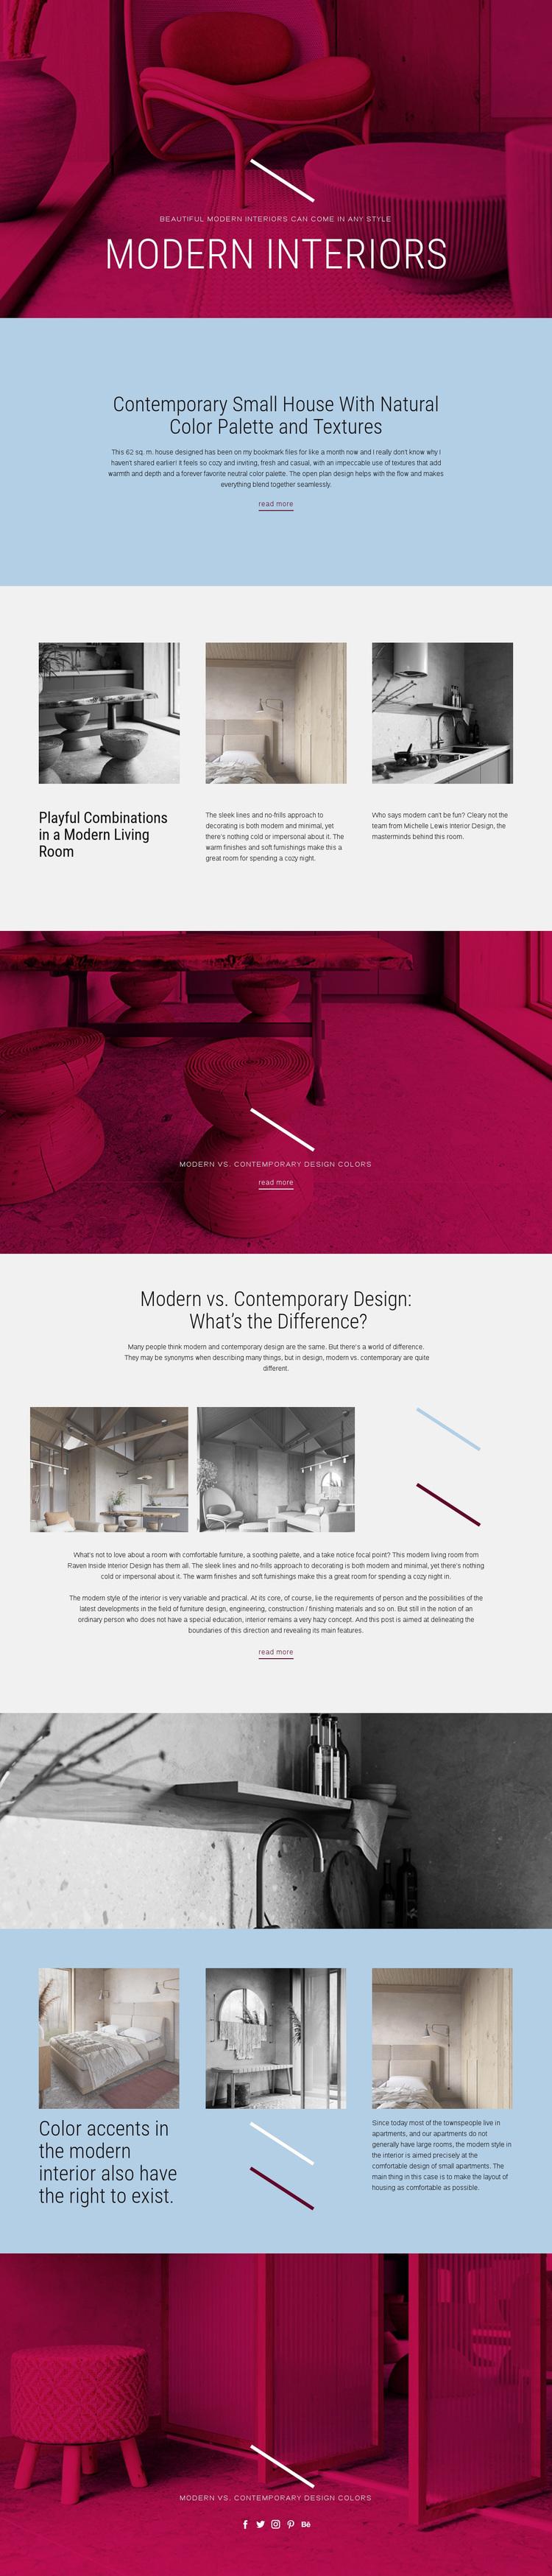 Art Nouveau furniture Web Page Designer